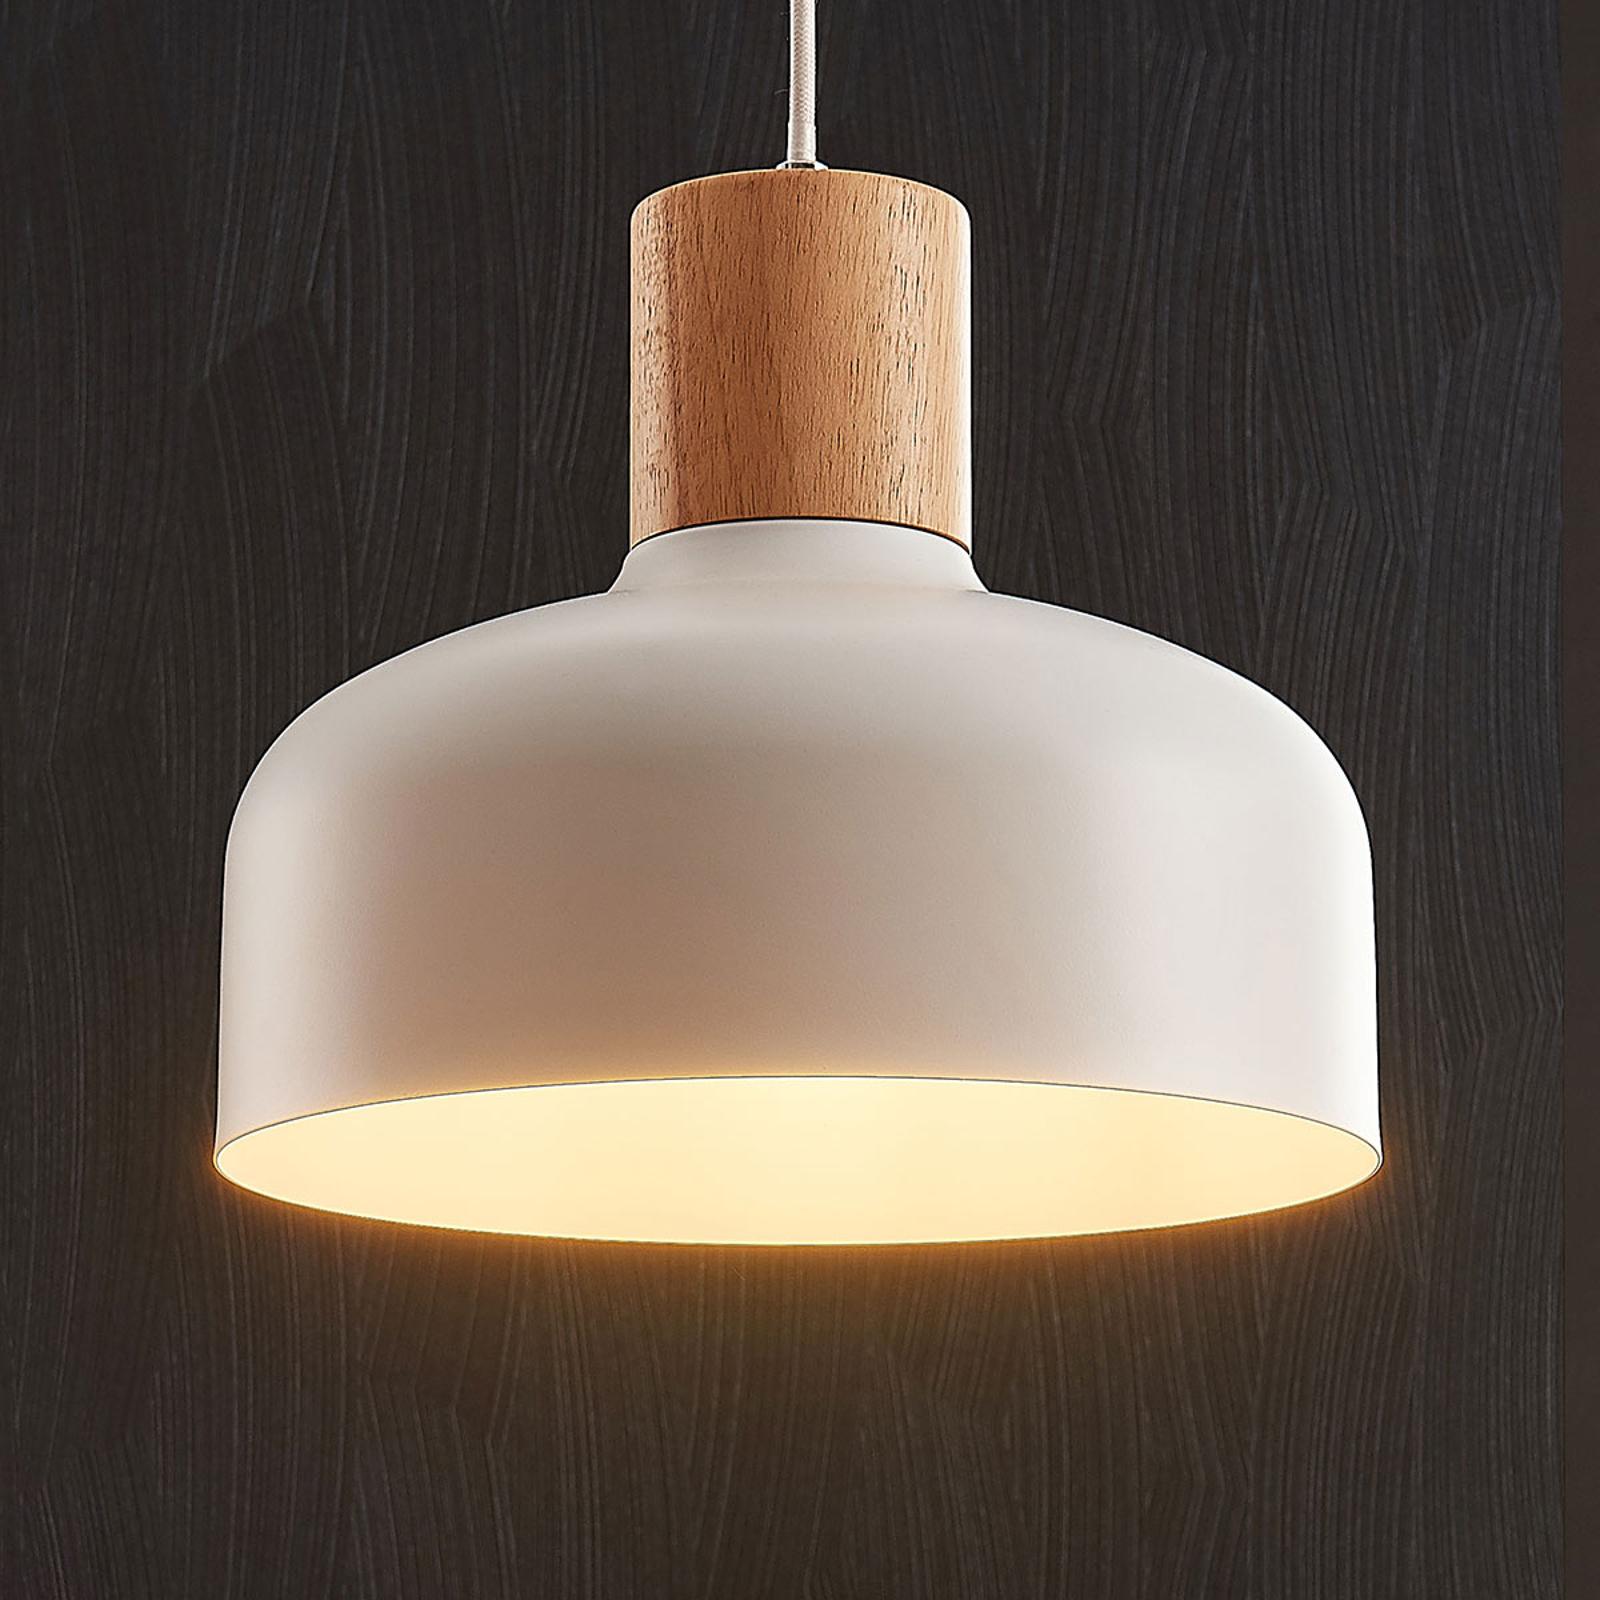 Lampa wisząca Carlise z elementem drewnianym